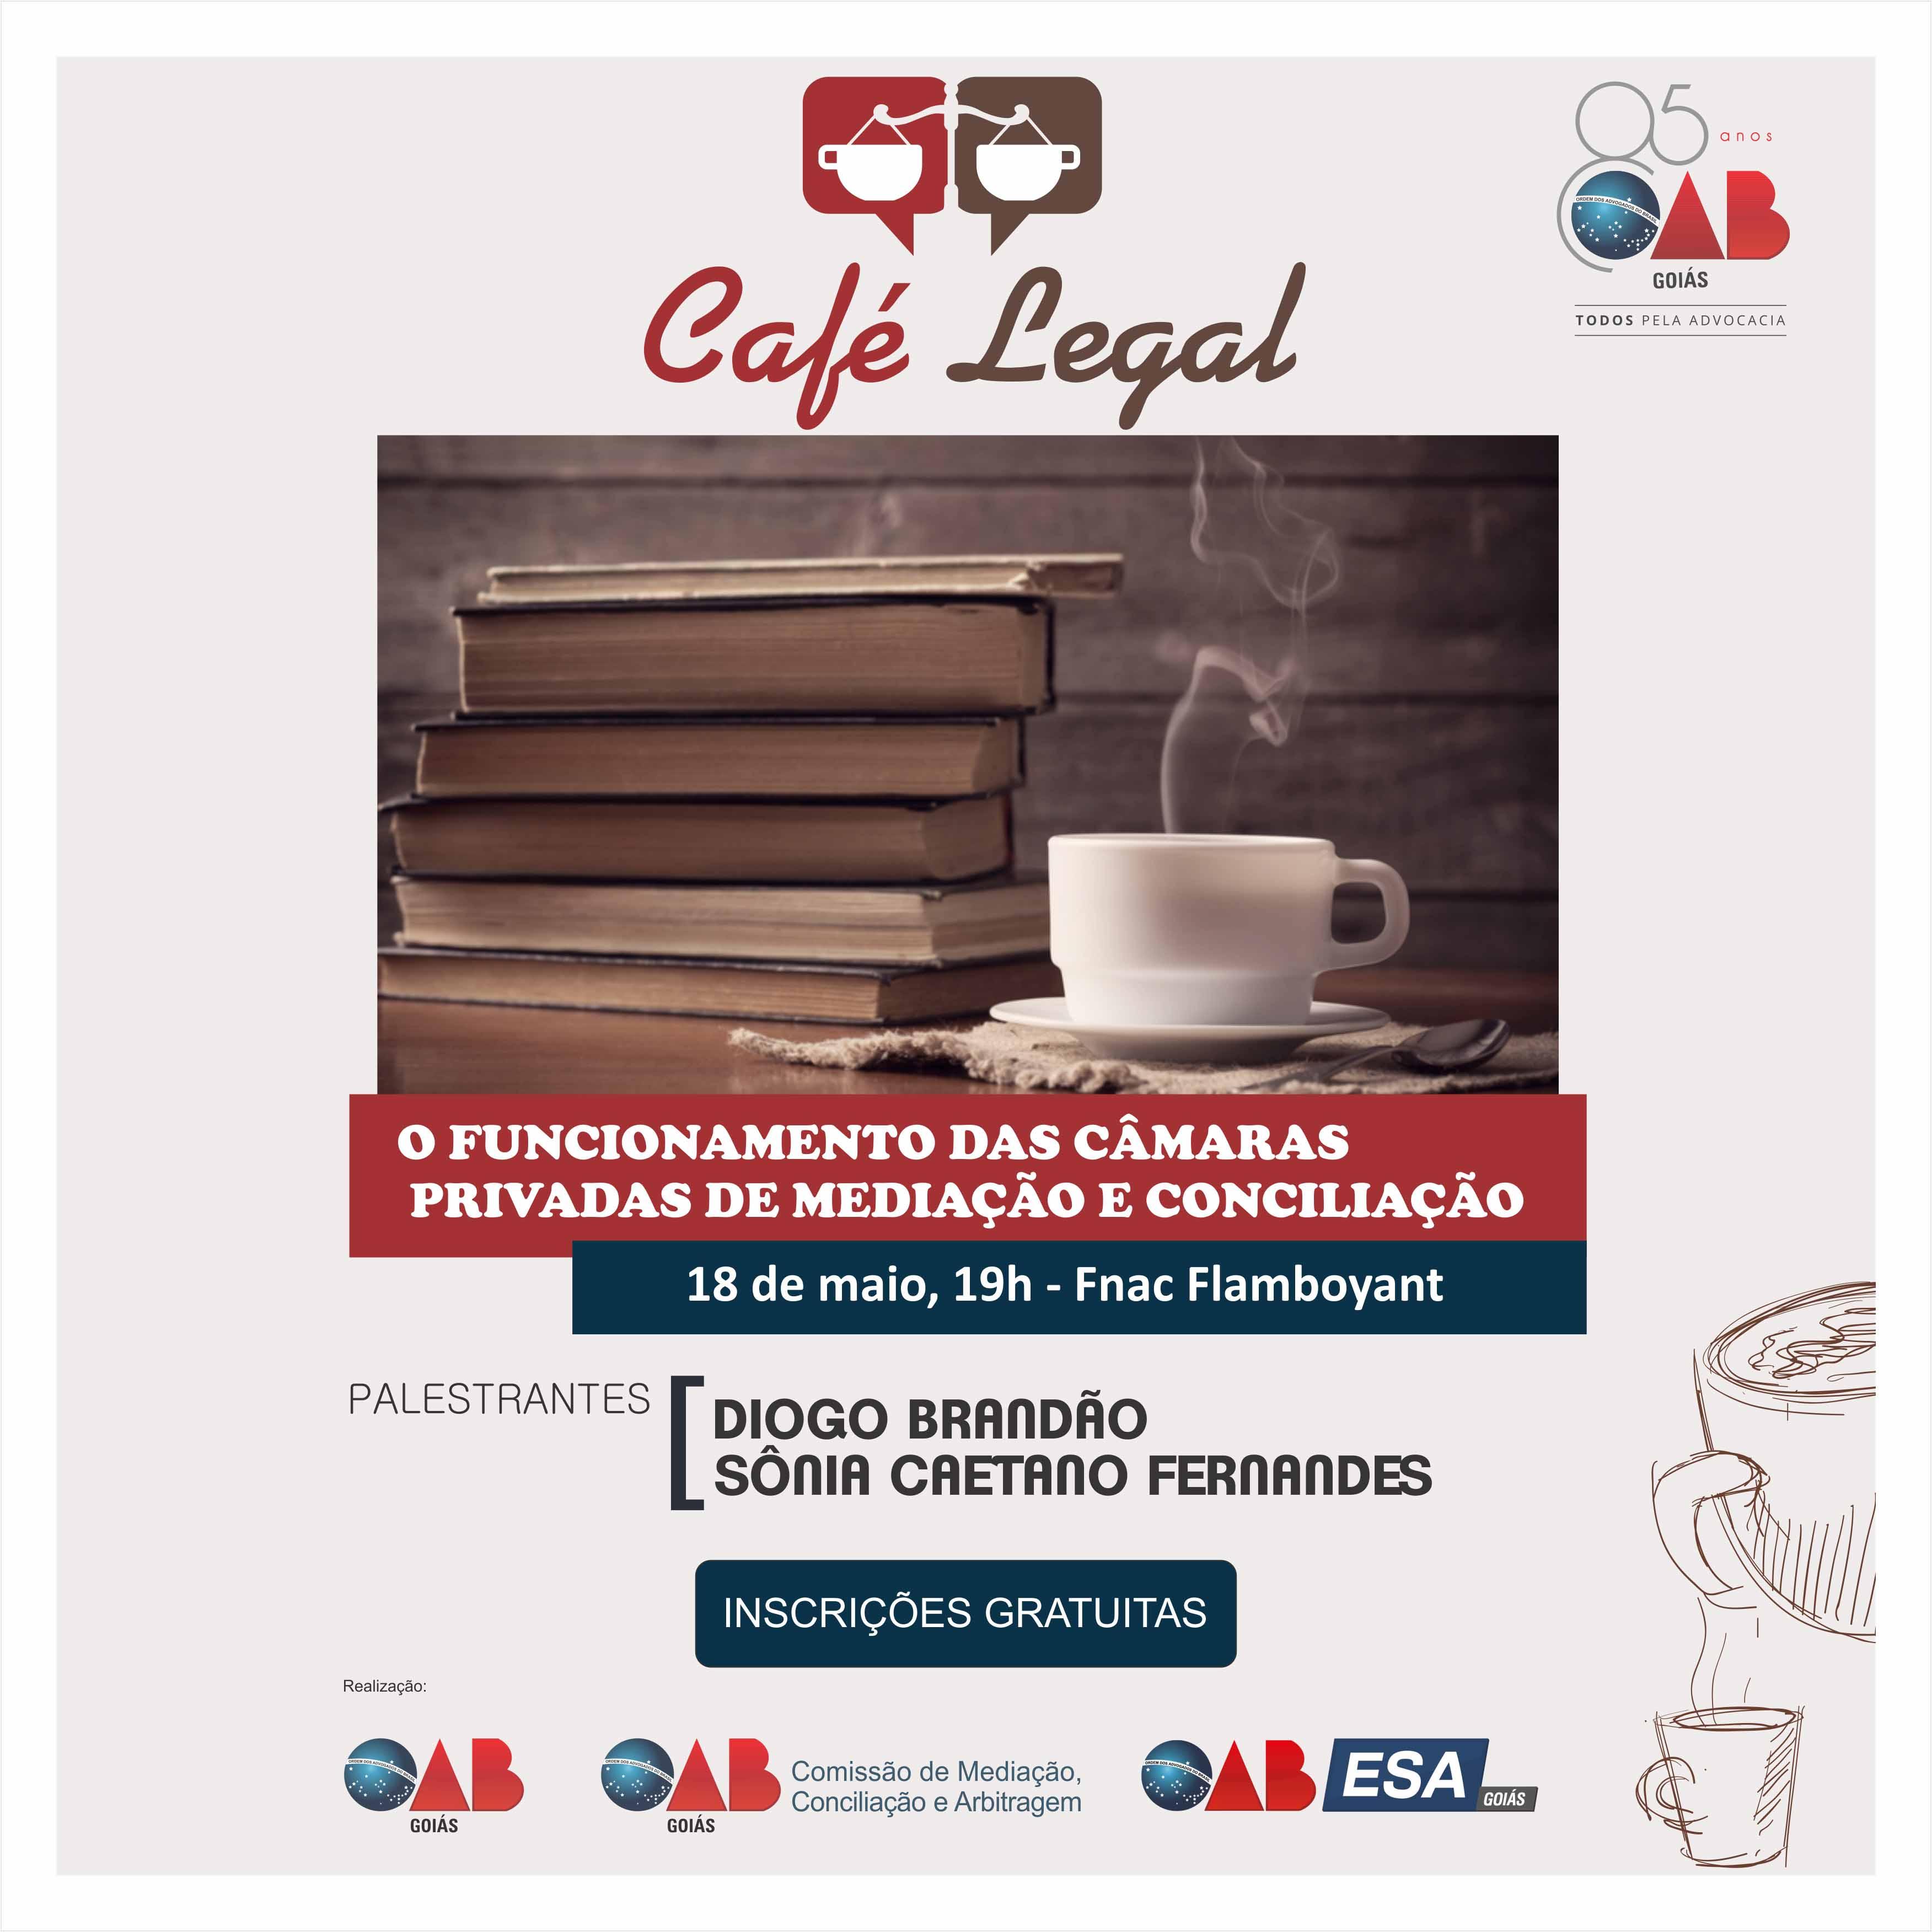 18.05 - Café Legal : O Funcionamento das Câmaras Privadas de Mediação e Concilação